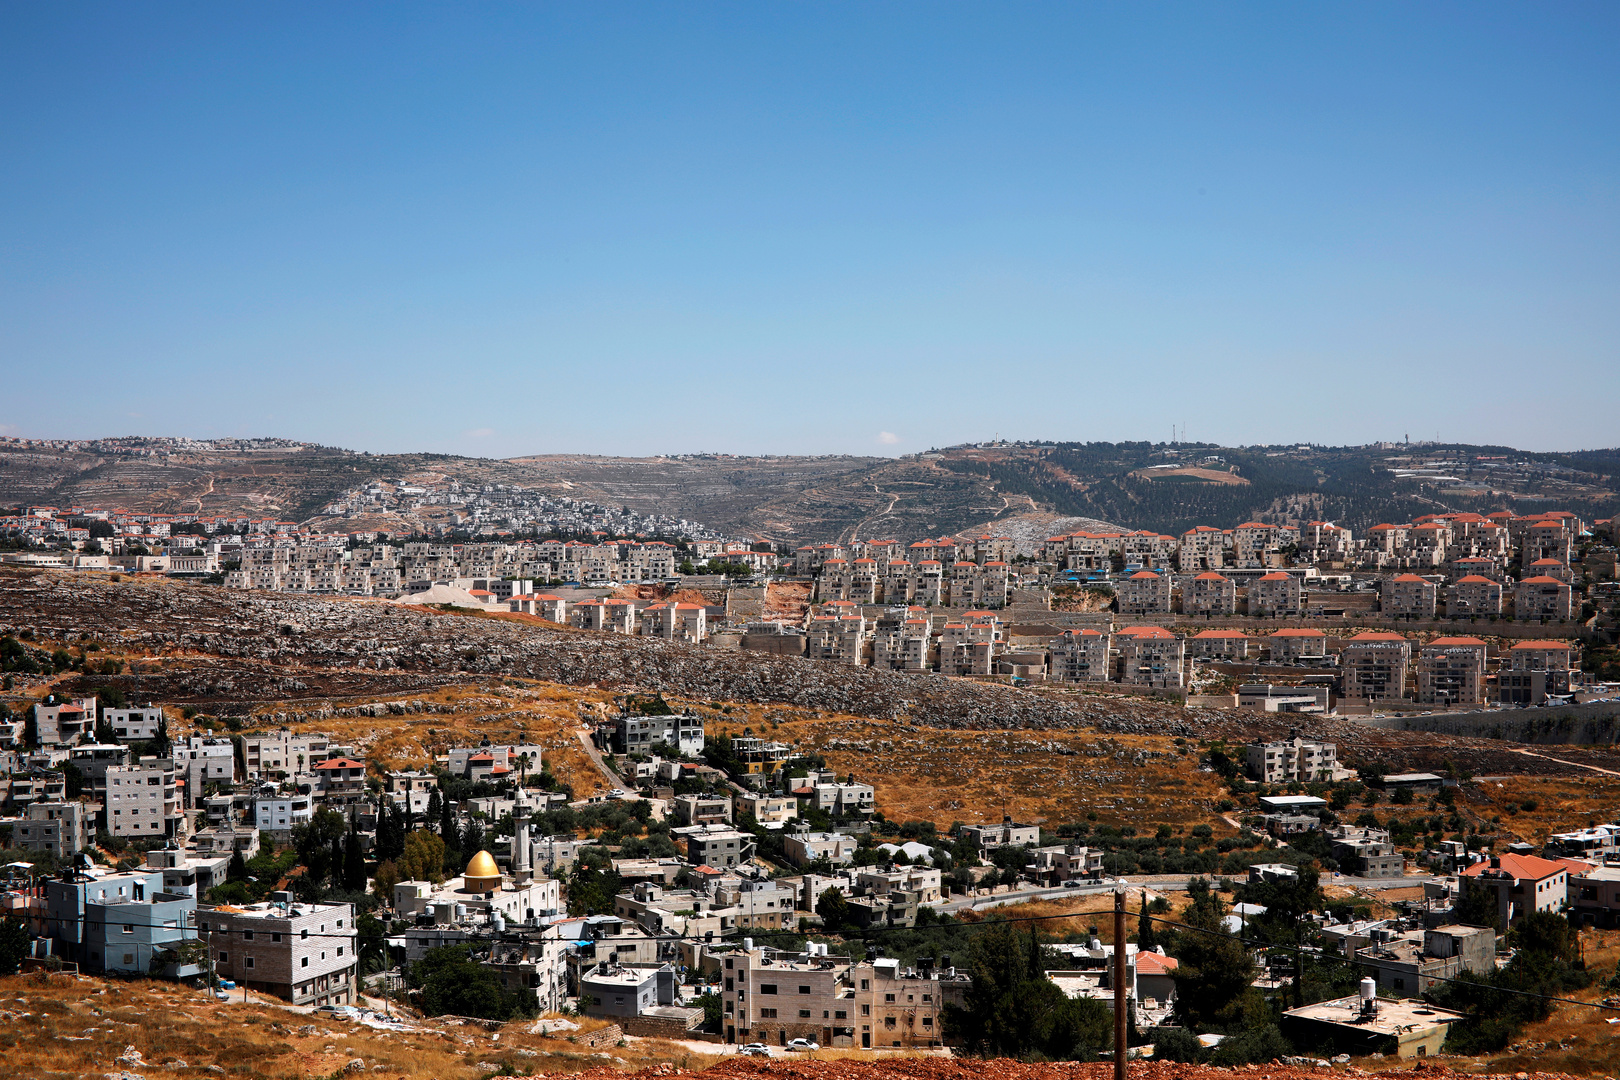 إسرائيل توافق على بناء 5000 وحدة استيطانية في الضفة الغربية المحتلة